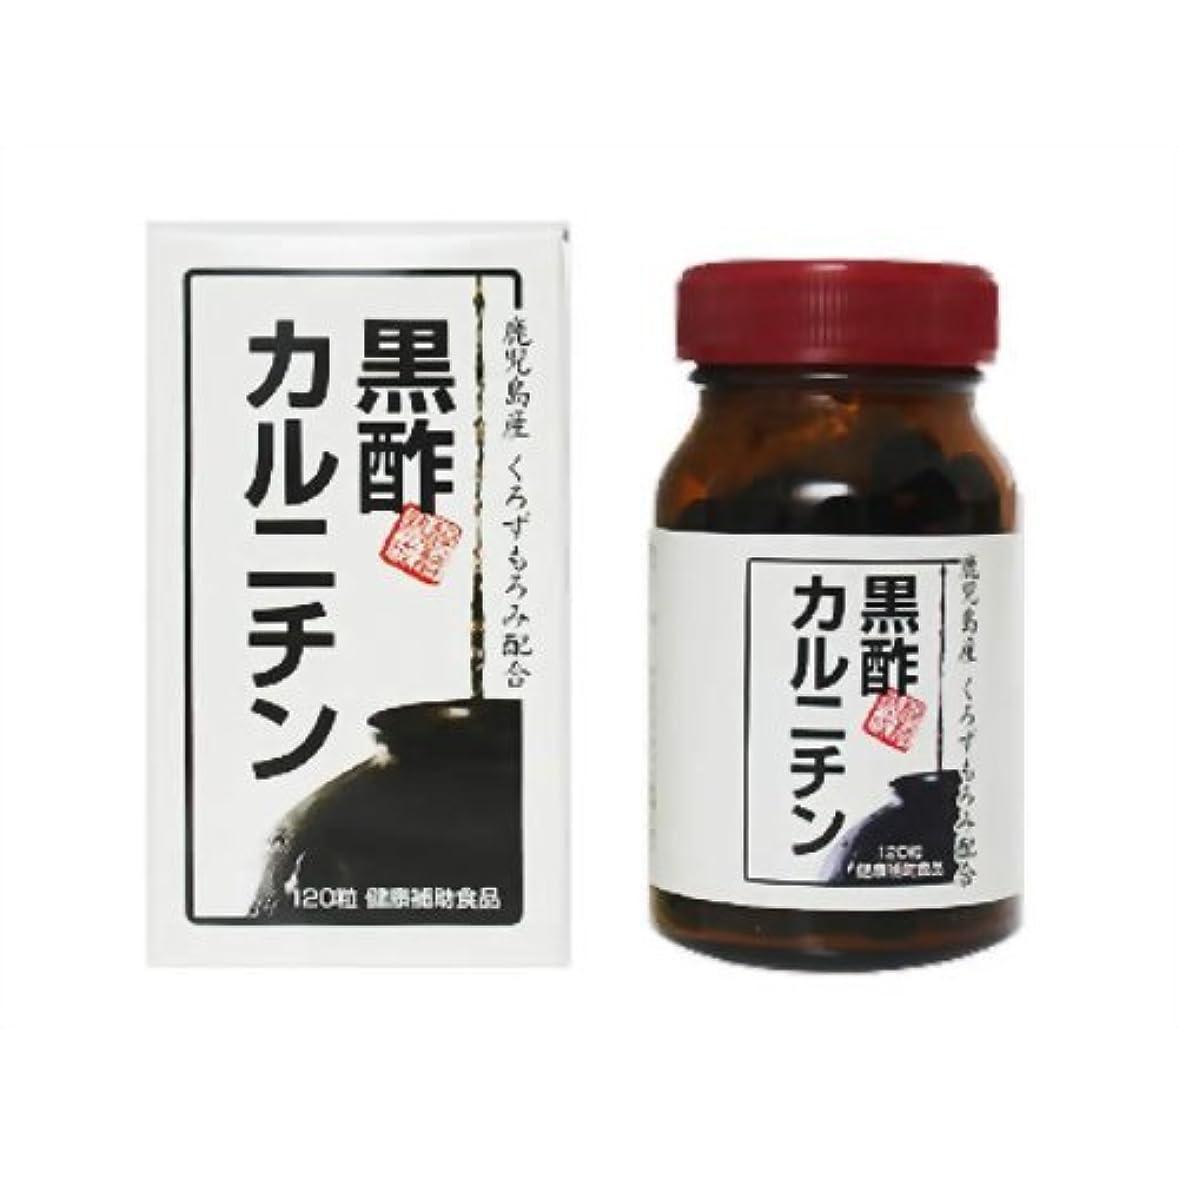 に対処する櫛から黒酢カルニチン 120粒